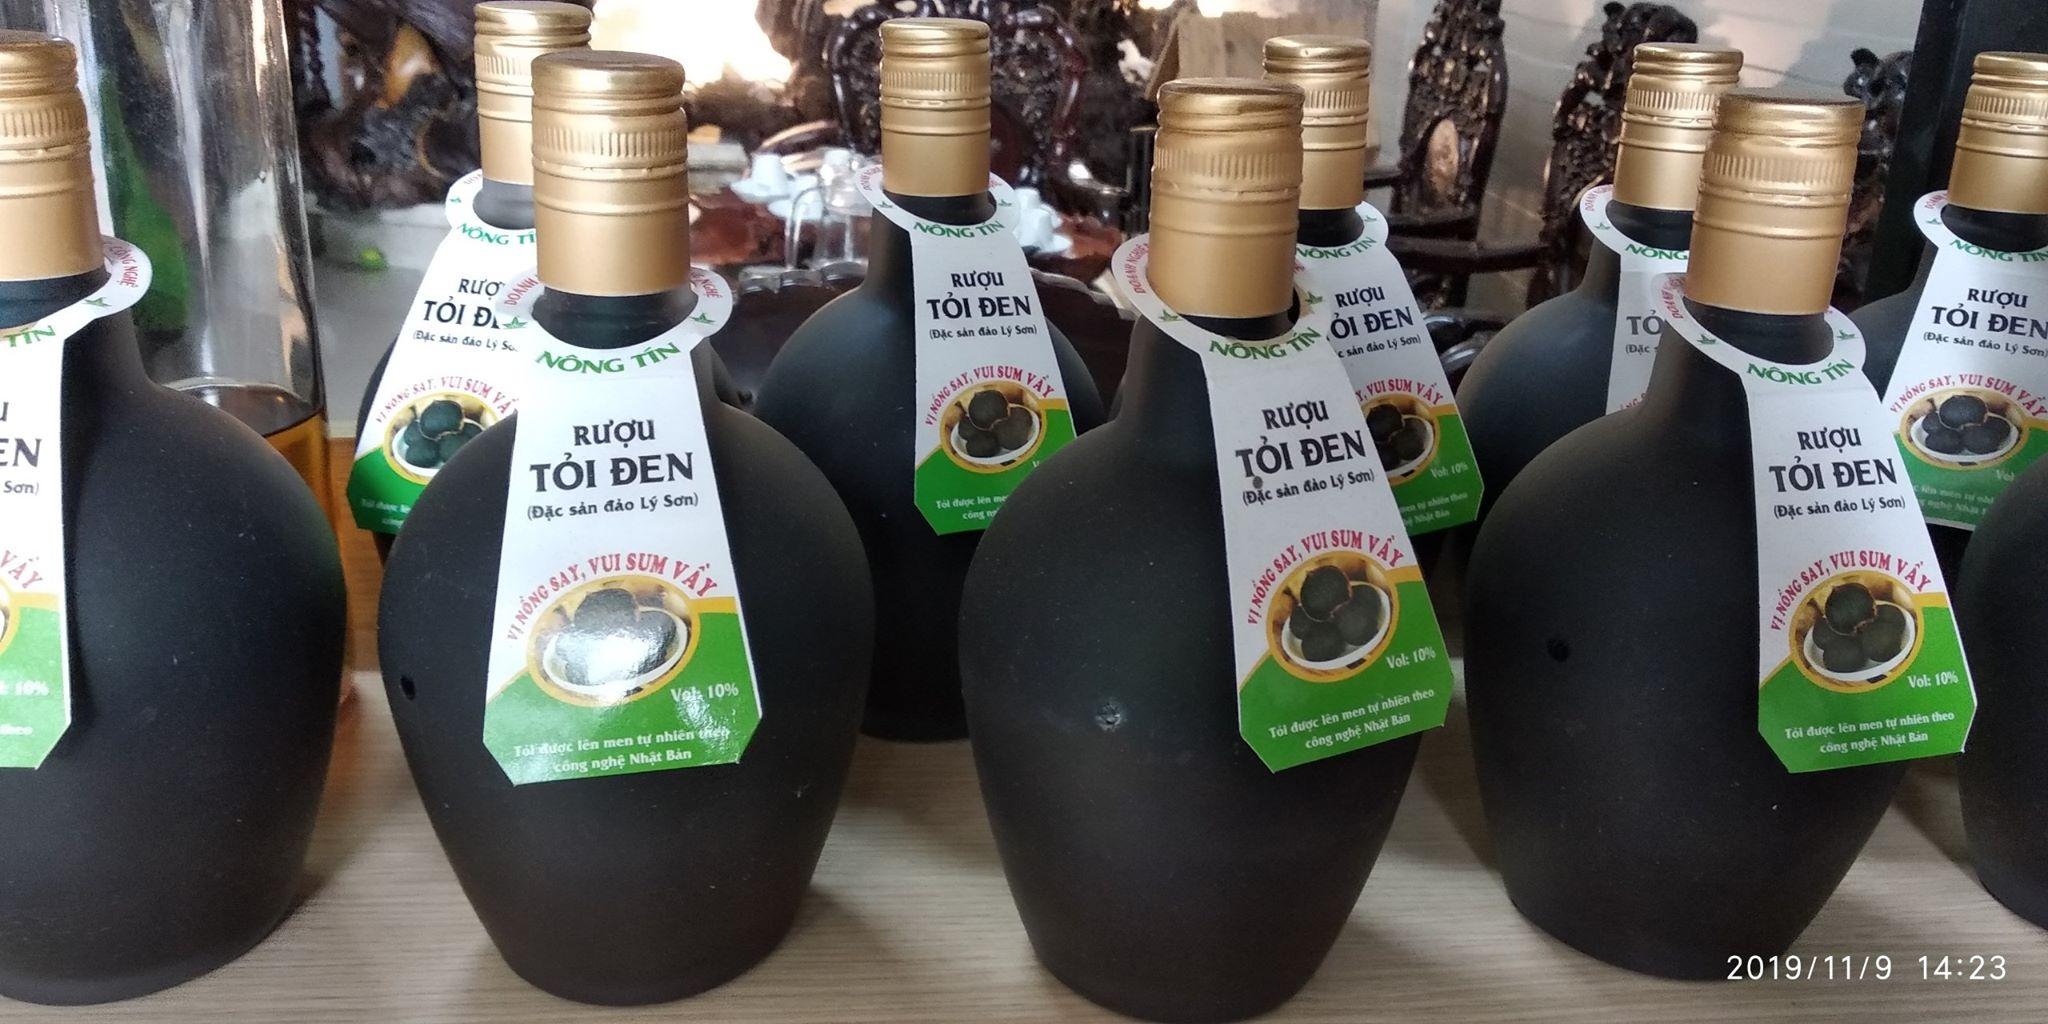 Rượu tỏi đen Nông Tín